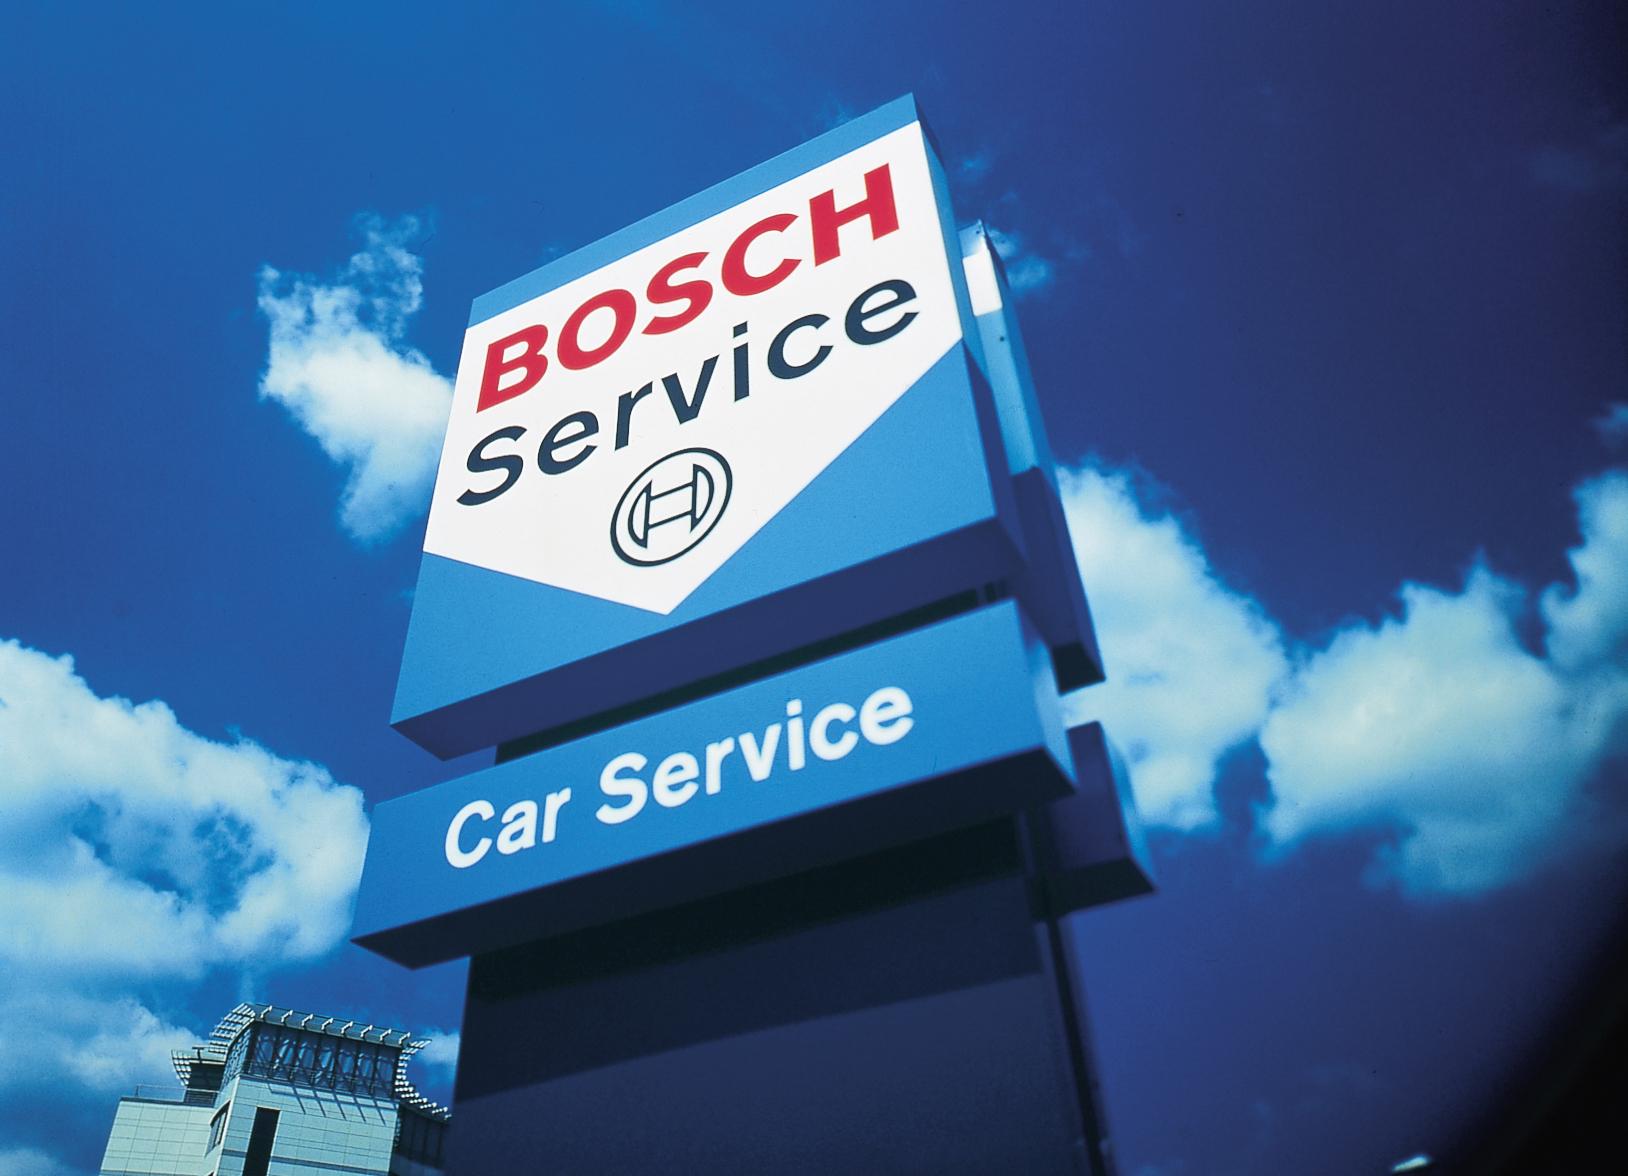 Бош Авто Сервис: Когда пора на СТО